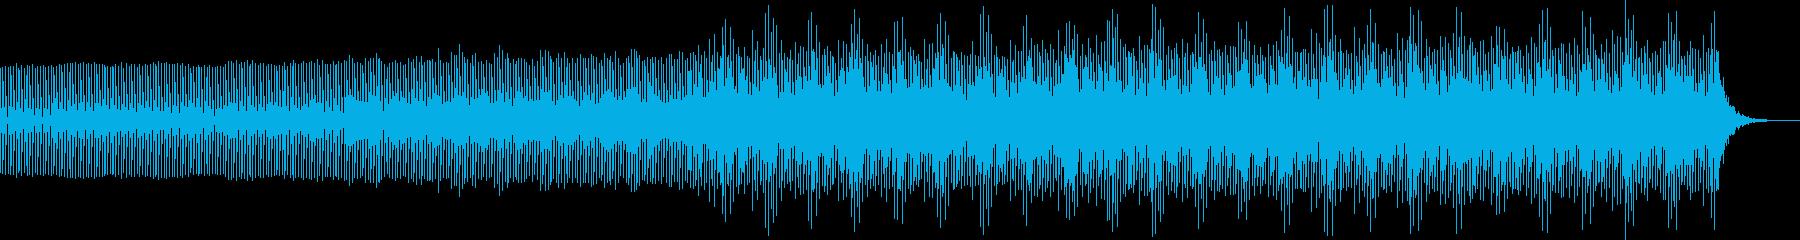 幻想的エレクトロニカミュージック bの再生済みの波形